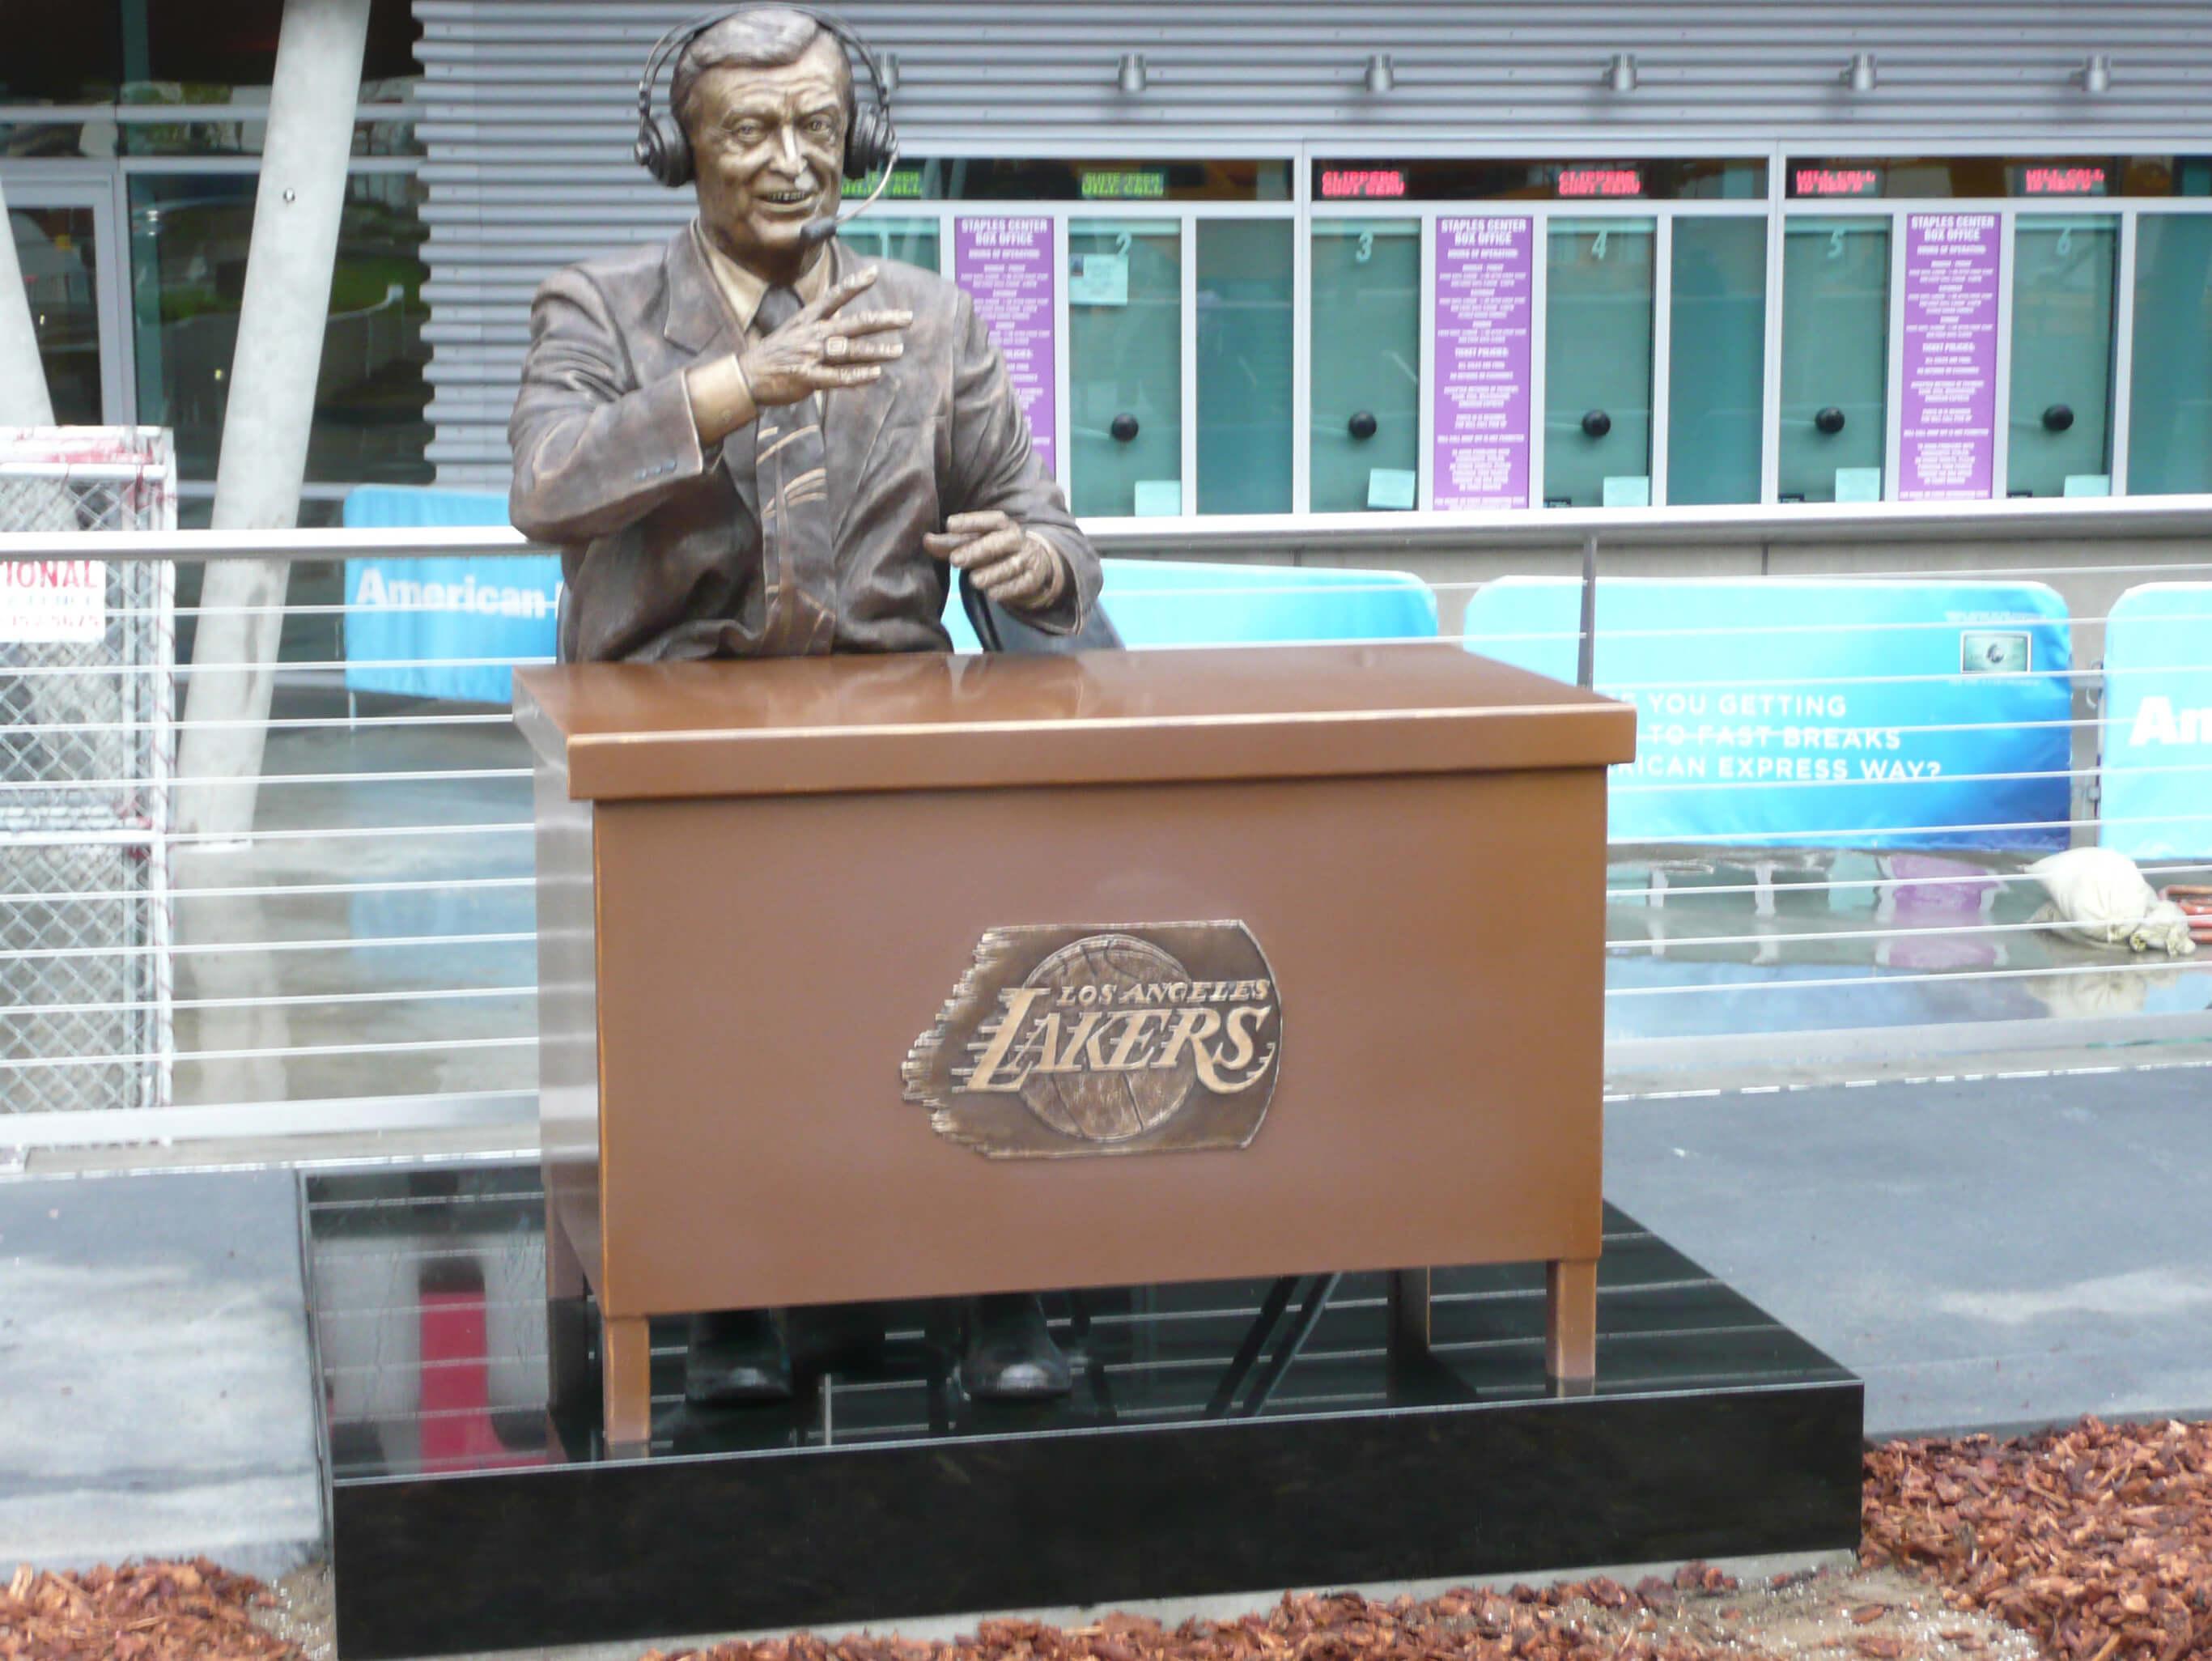 Chick Hearn statue, LA Lakers